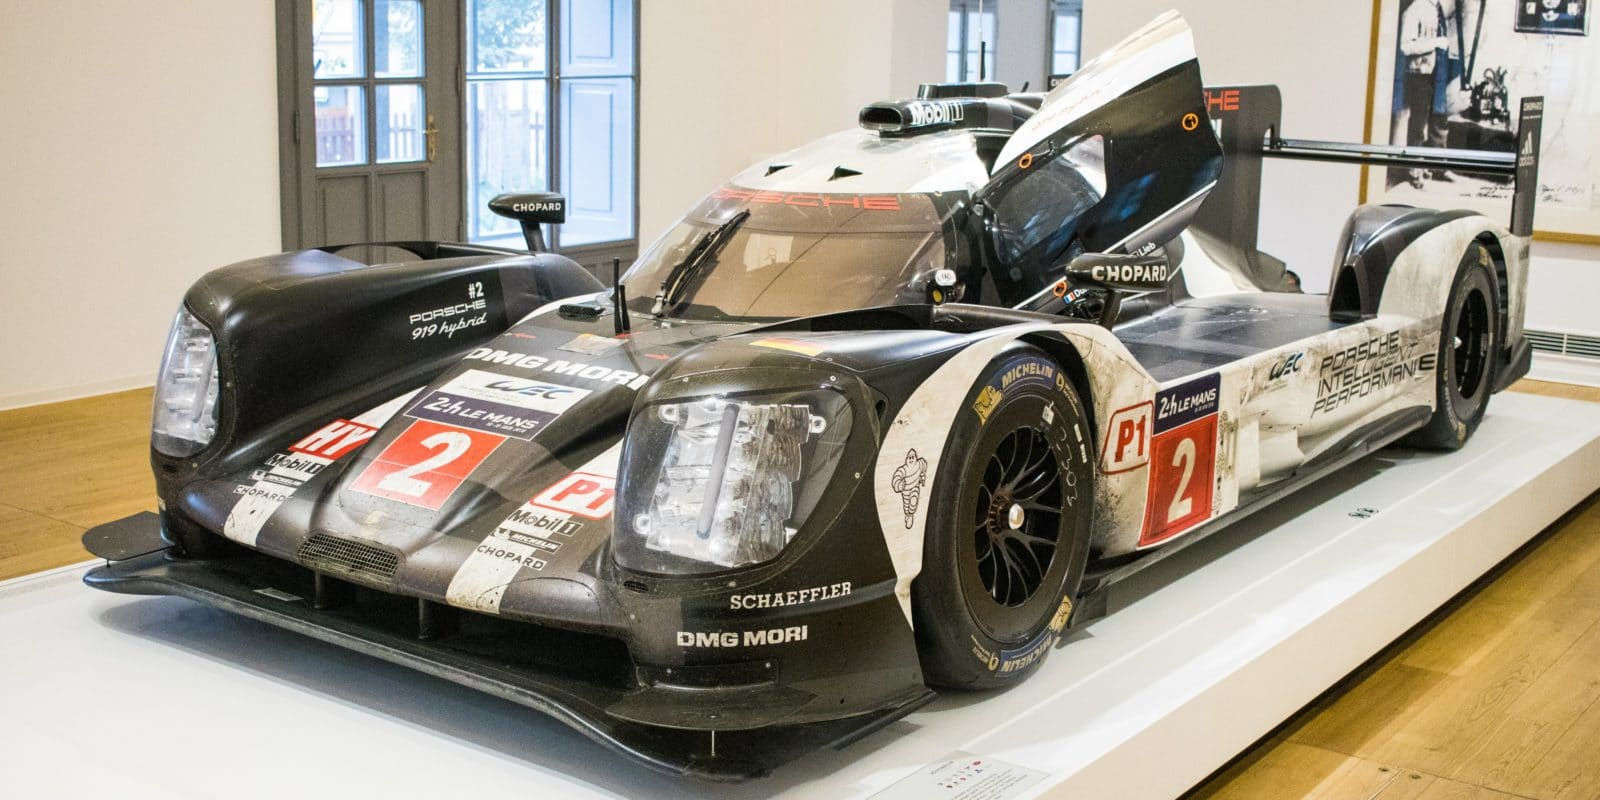 Vítězné Porsche 919 z Le Mans k vidění v Liberci